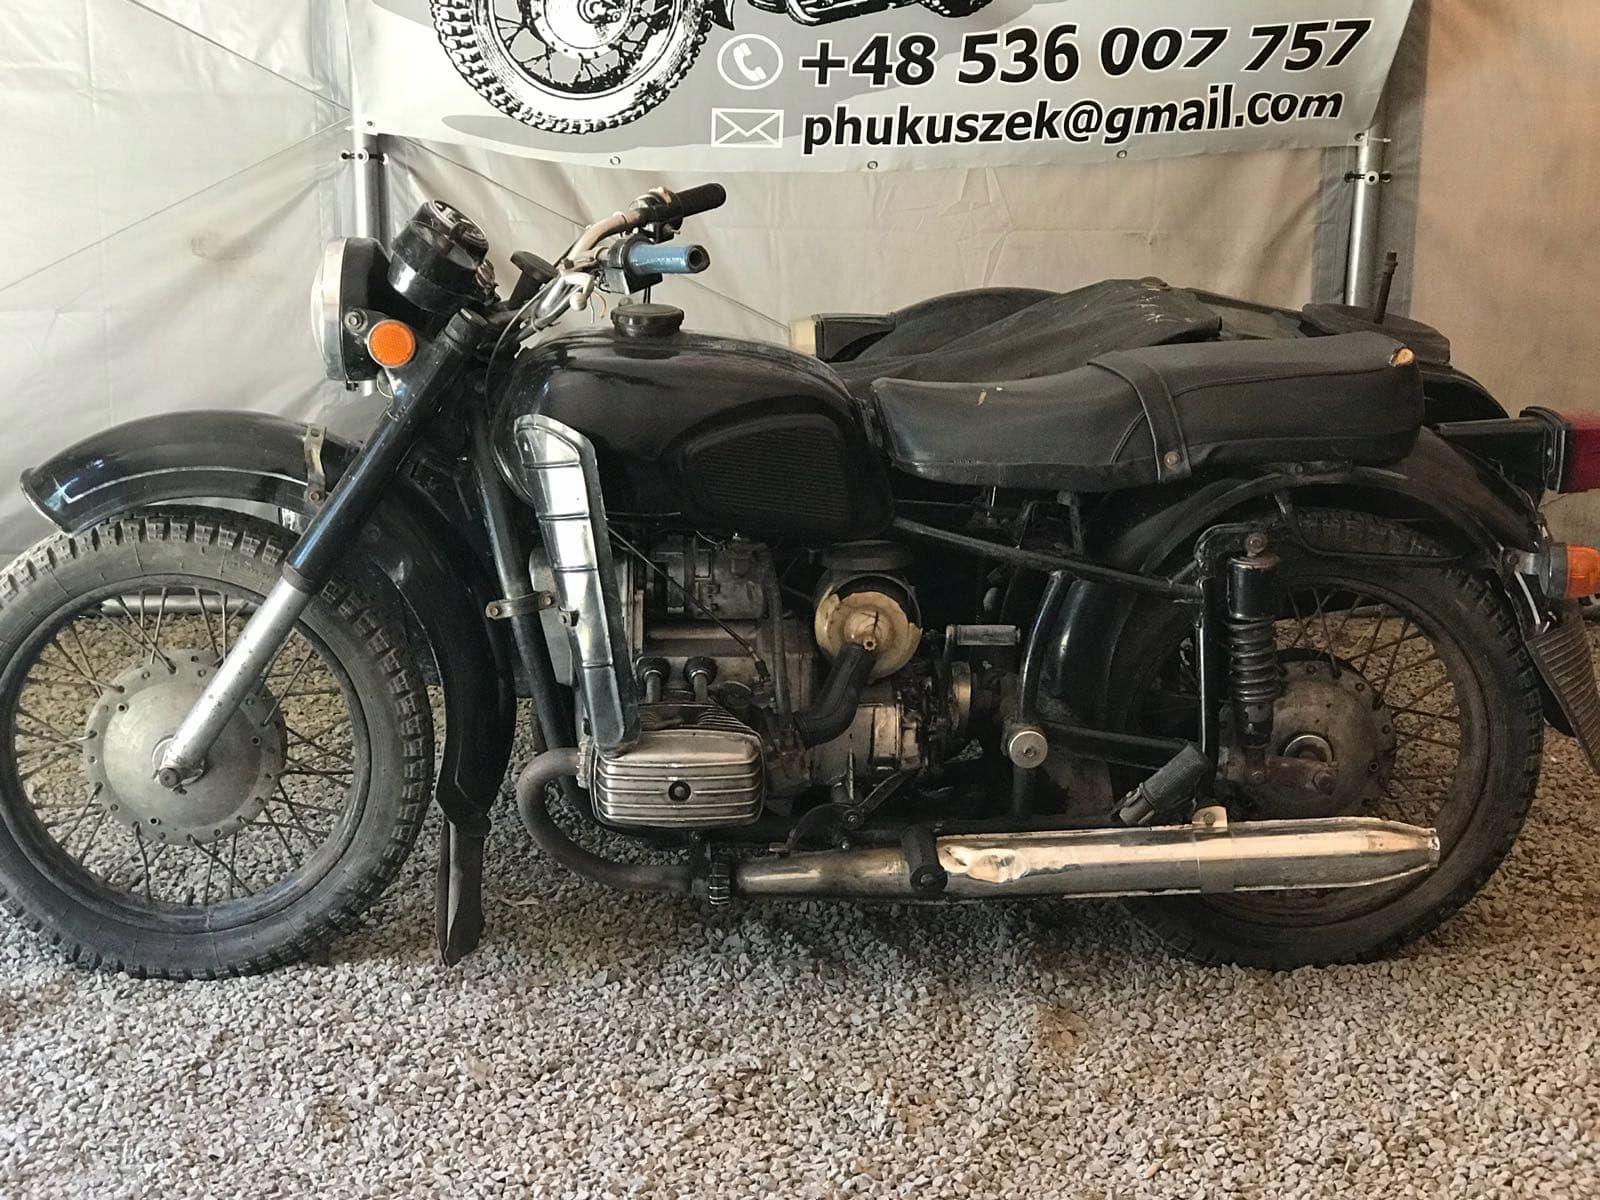 motocykl z koszem dniepr MT11 nie k 750 m72 ural